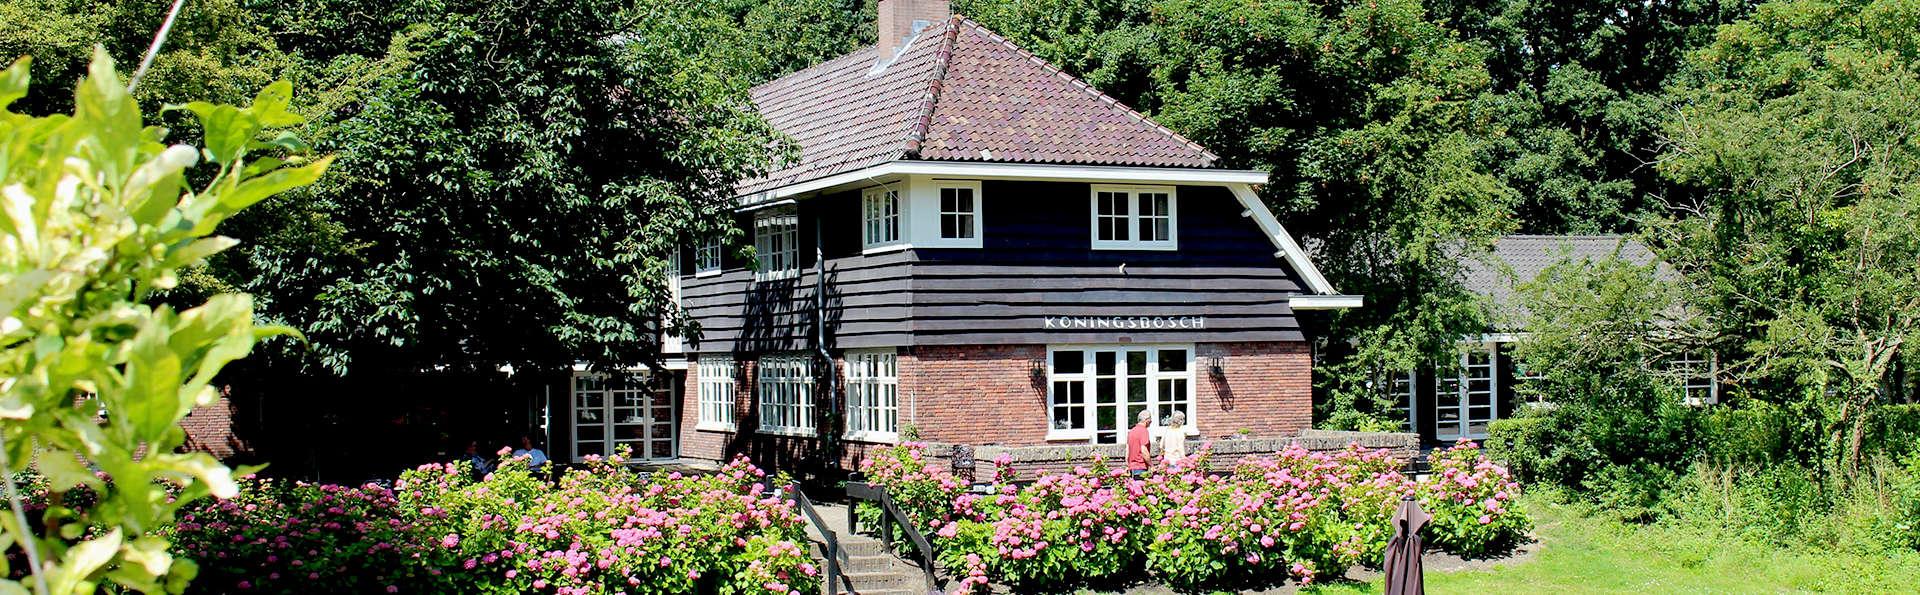 Huize Koningsbosch - Edit_Front.jpg